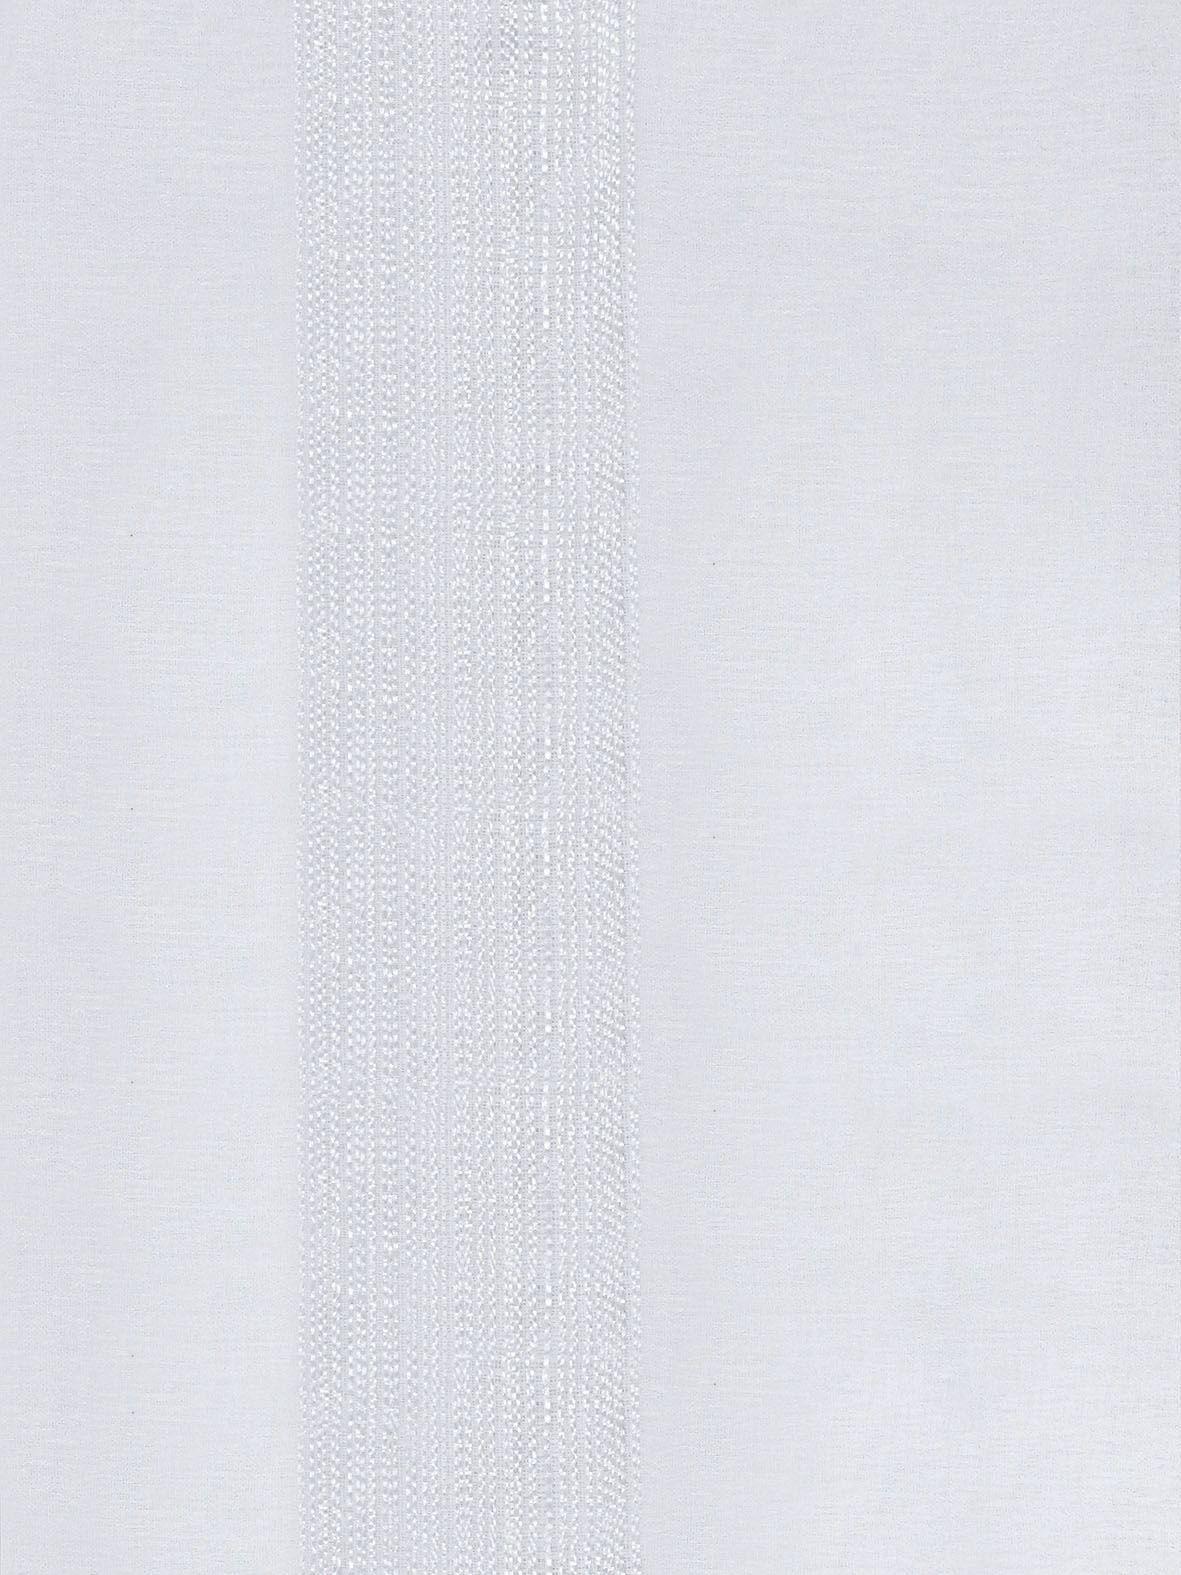 CORTINA VOAL TRABALHADO PARA VARÃO SIMPLES CROMADO 3,00 x 2,50 SALA E QUARTO TEXTURE - BRANCO  - Rose Jordão